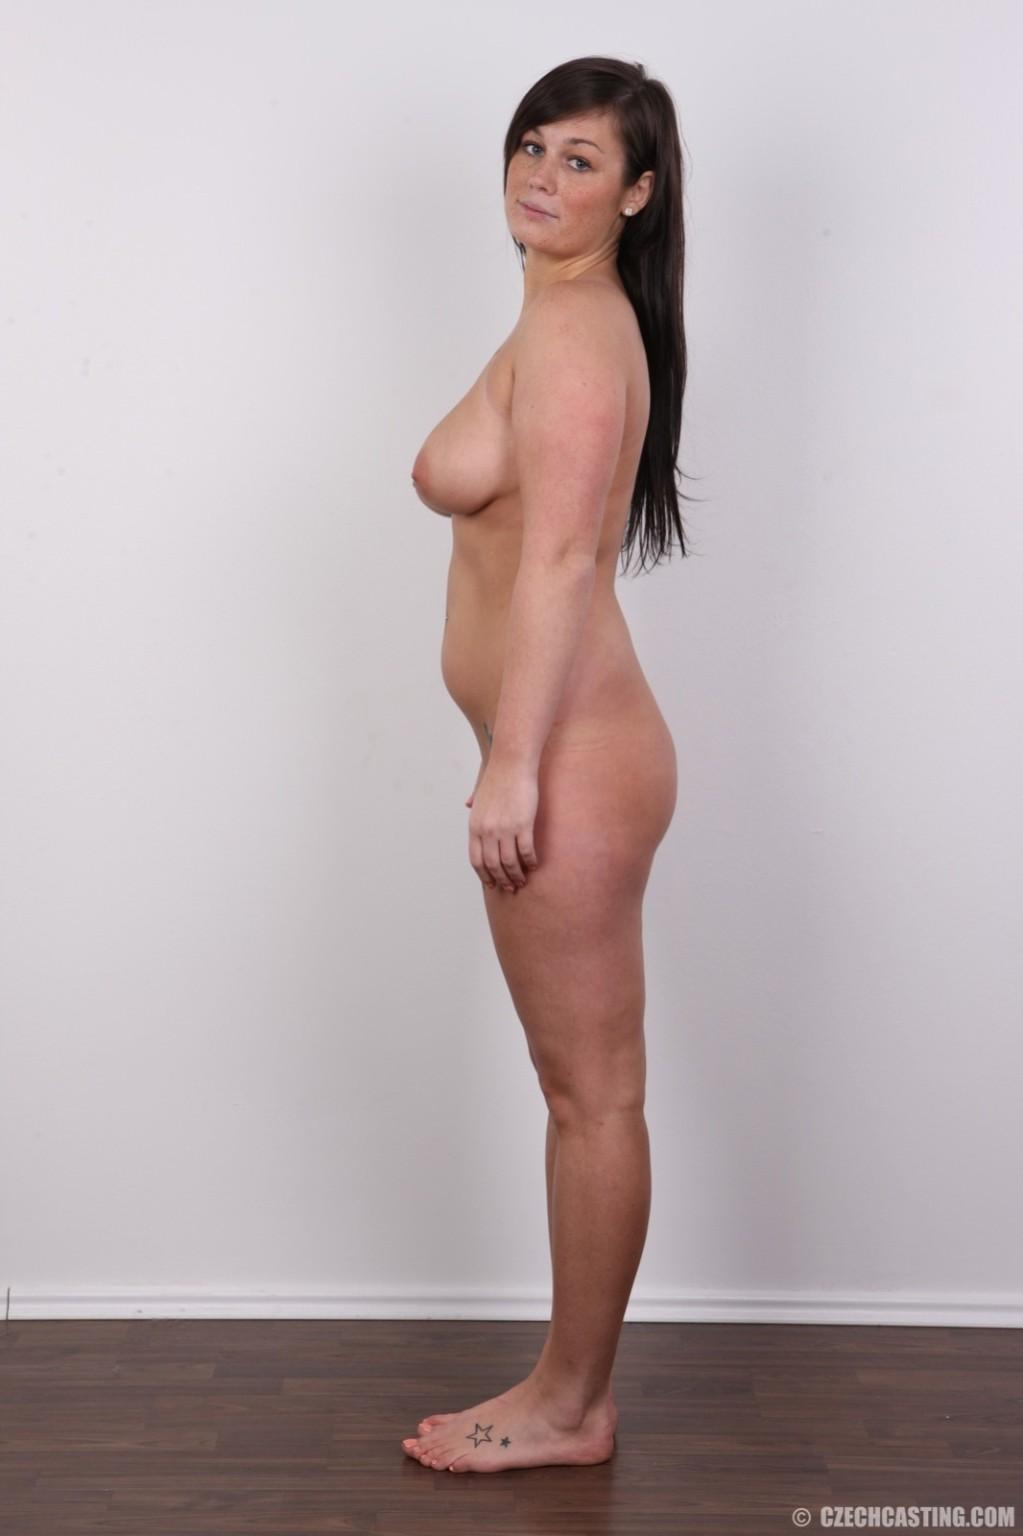 Жопастая красотка с большими сиськами показала соблазнительное тело